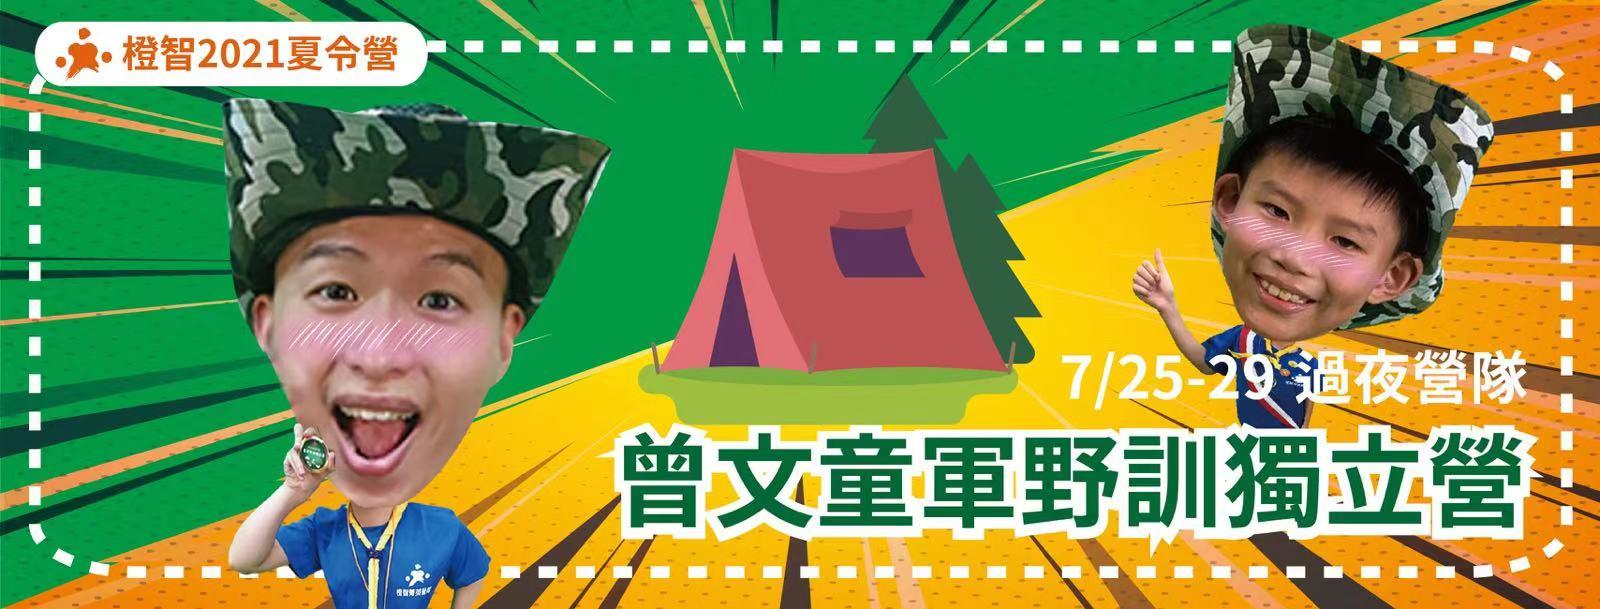 2021夏令營-曾文童軍野訓獨立營(兒童青少年過夜營隊)